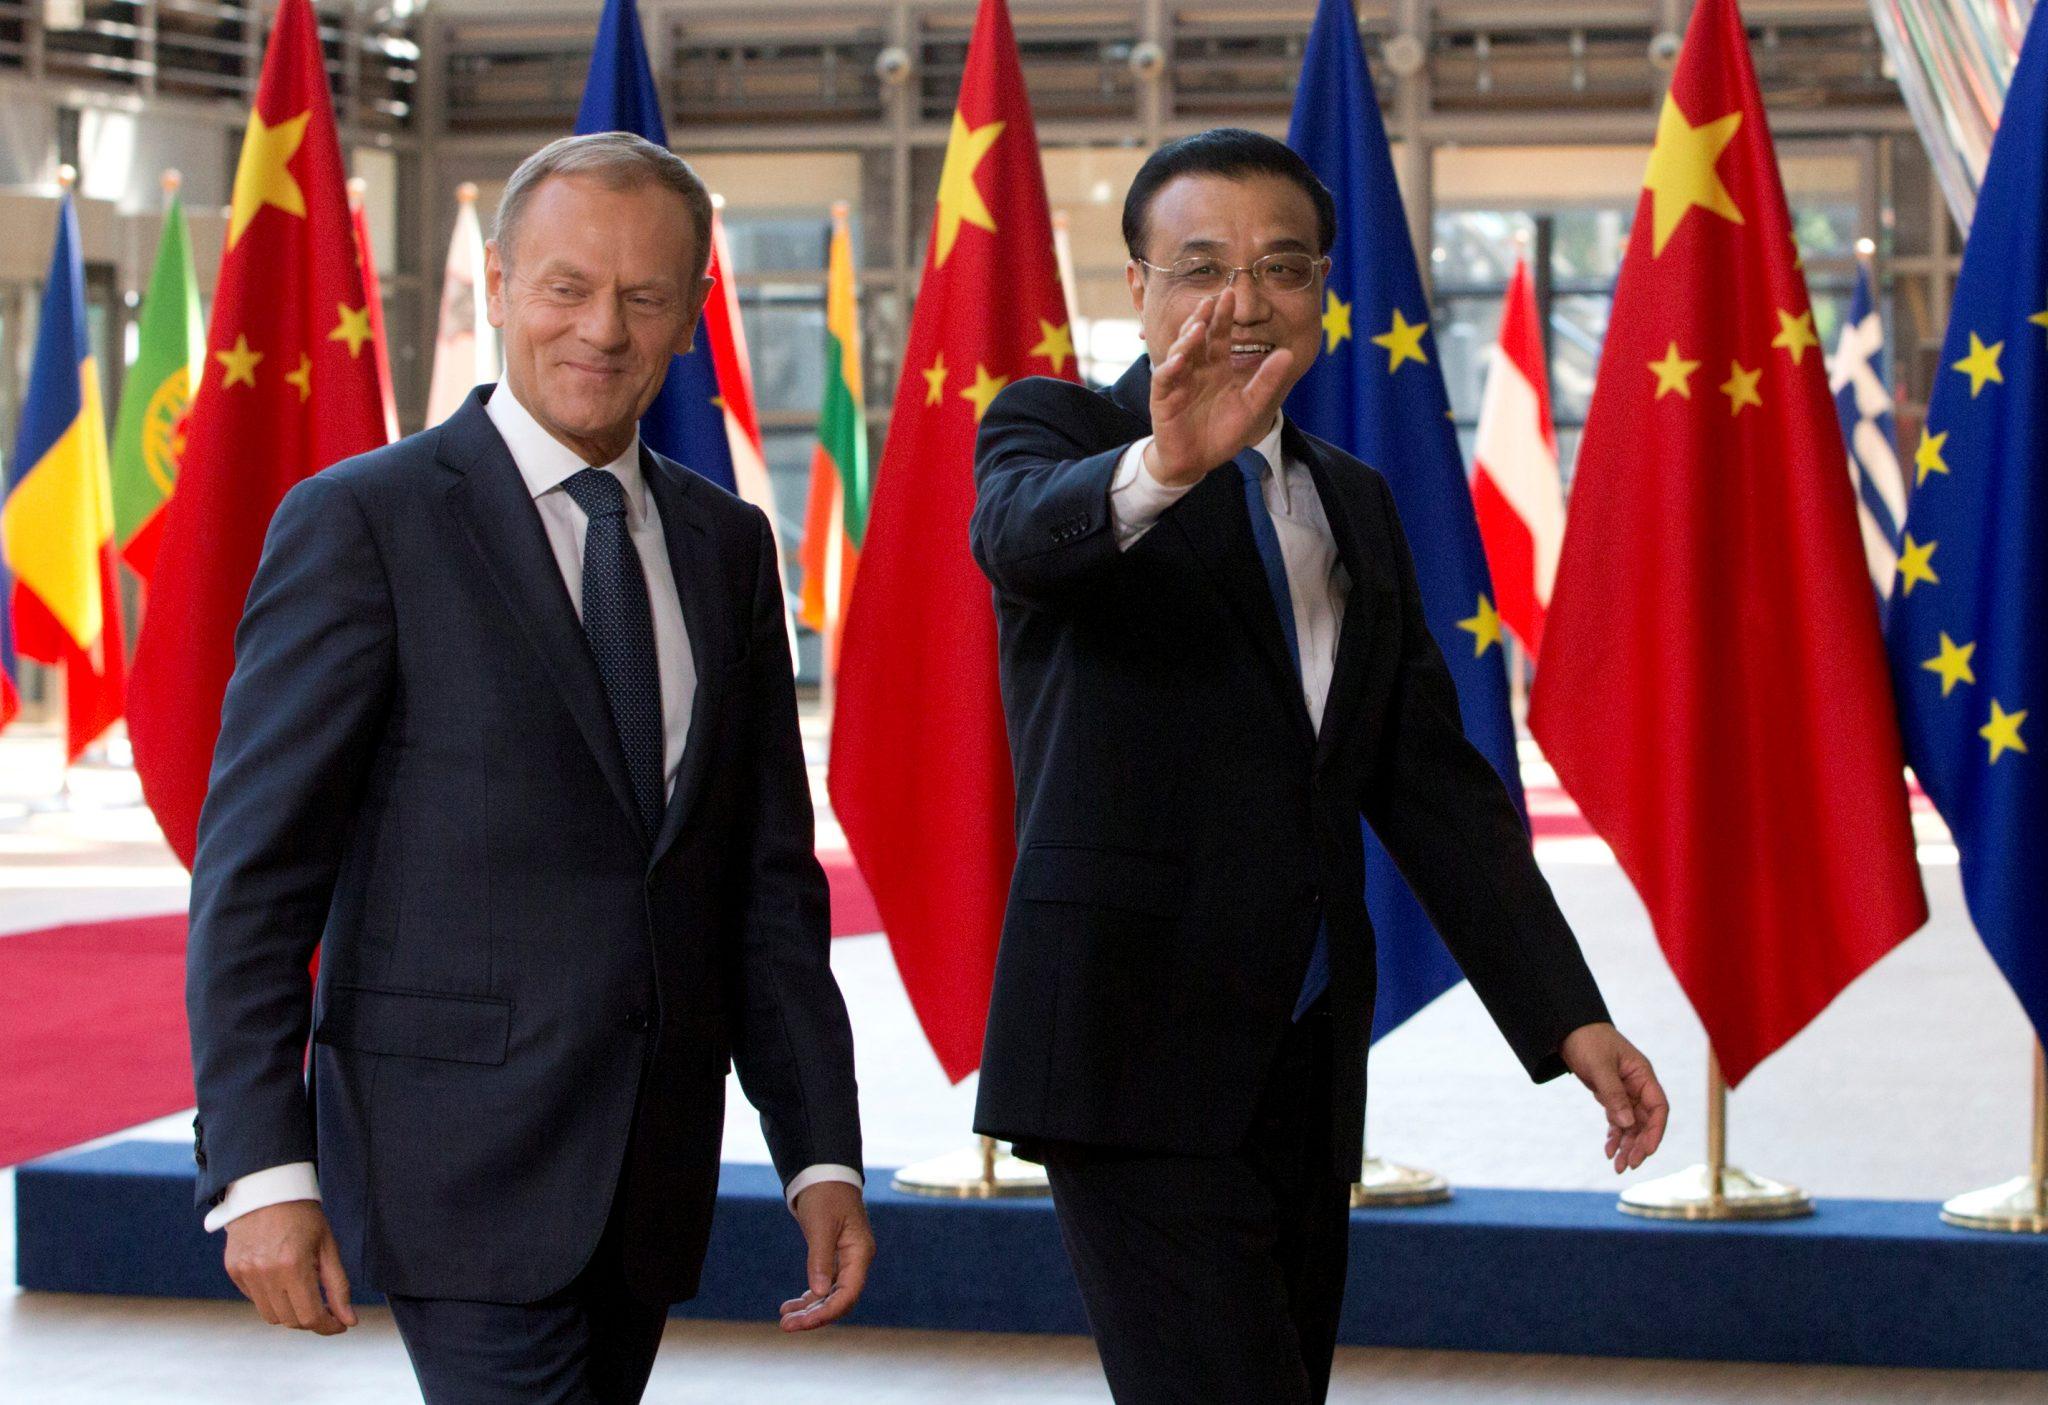 EU–China relations in the Trump era